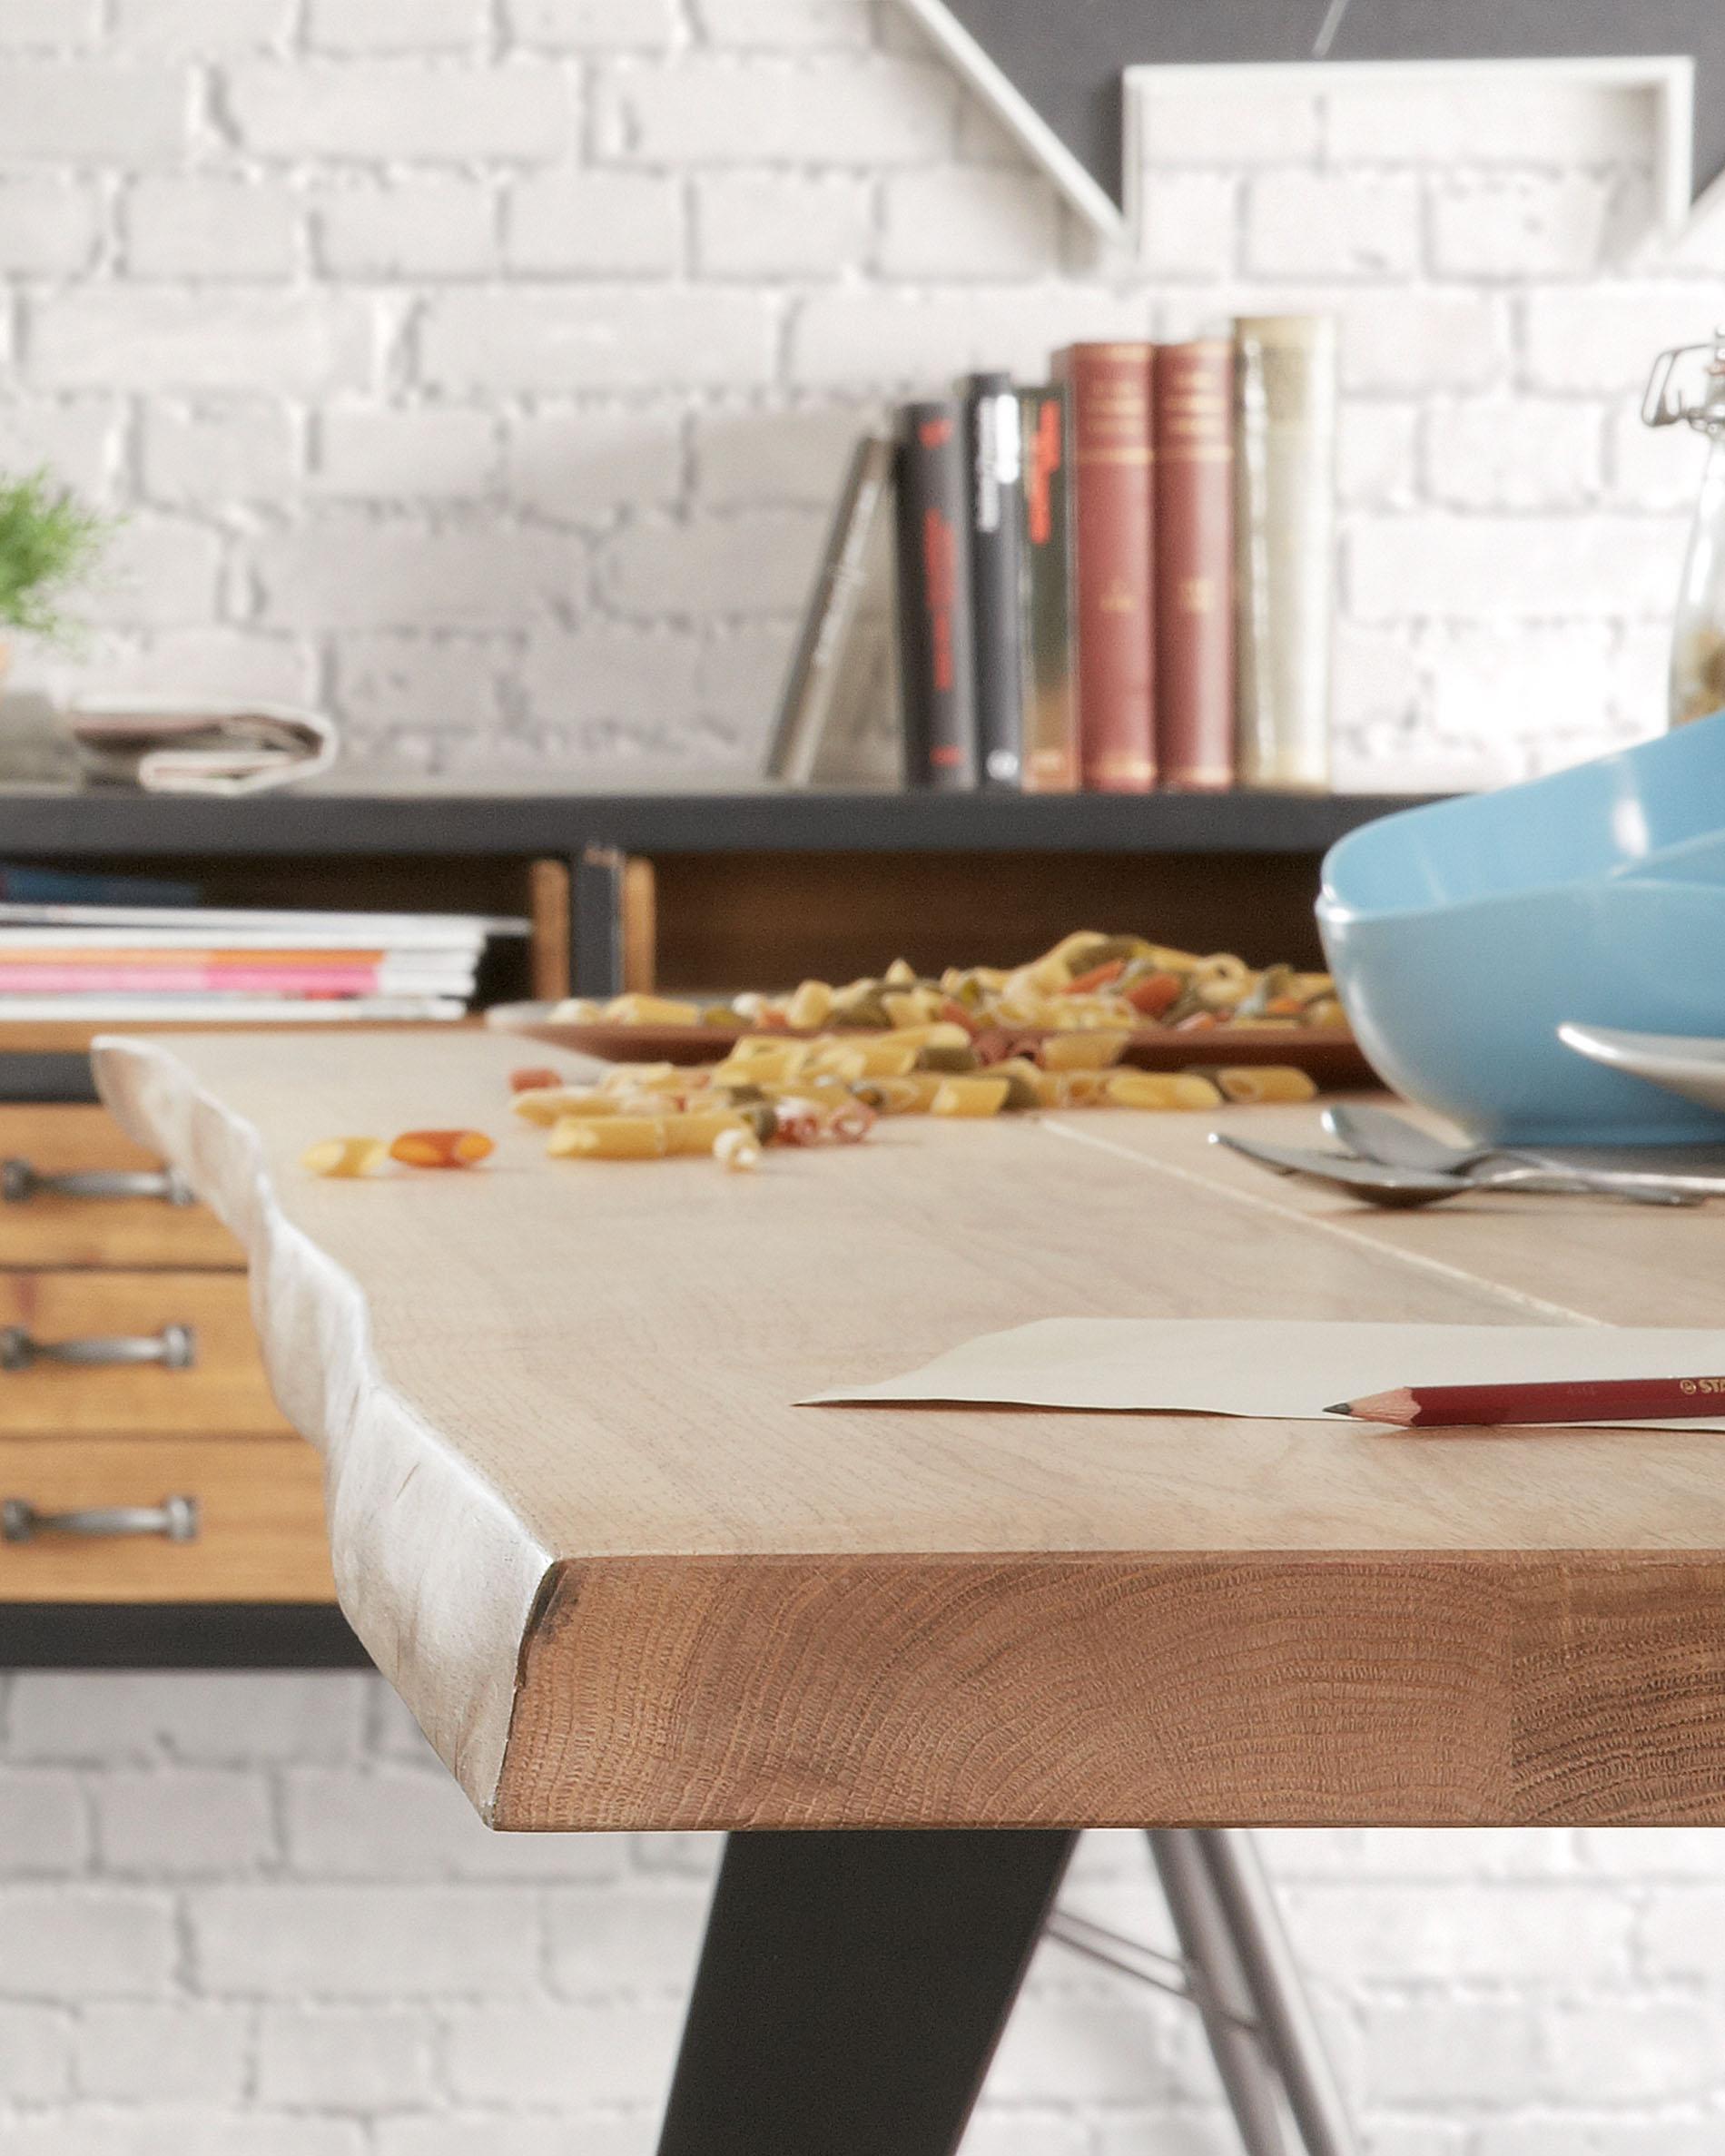 Table Et Chaise Cuisine Génial Koda Table 220 Cm Natural Oak Black Legs Of 38 Élégant Table Et Chaise Cuisine